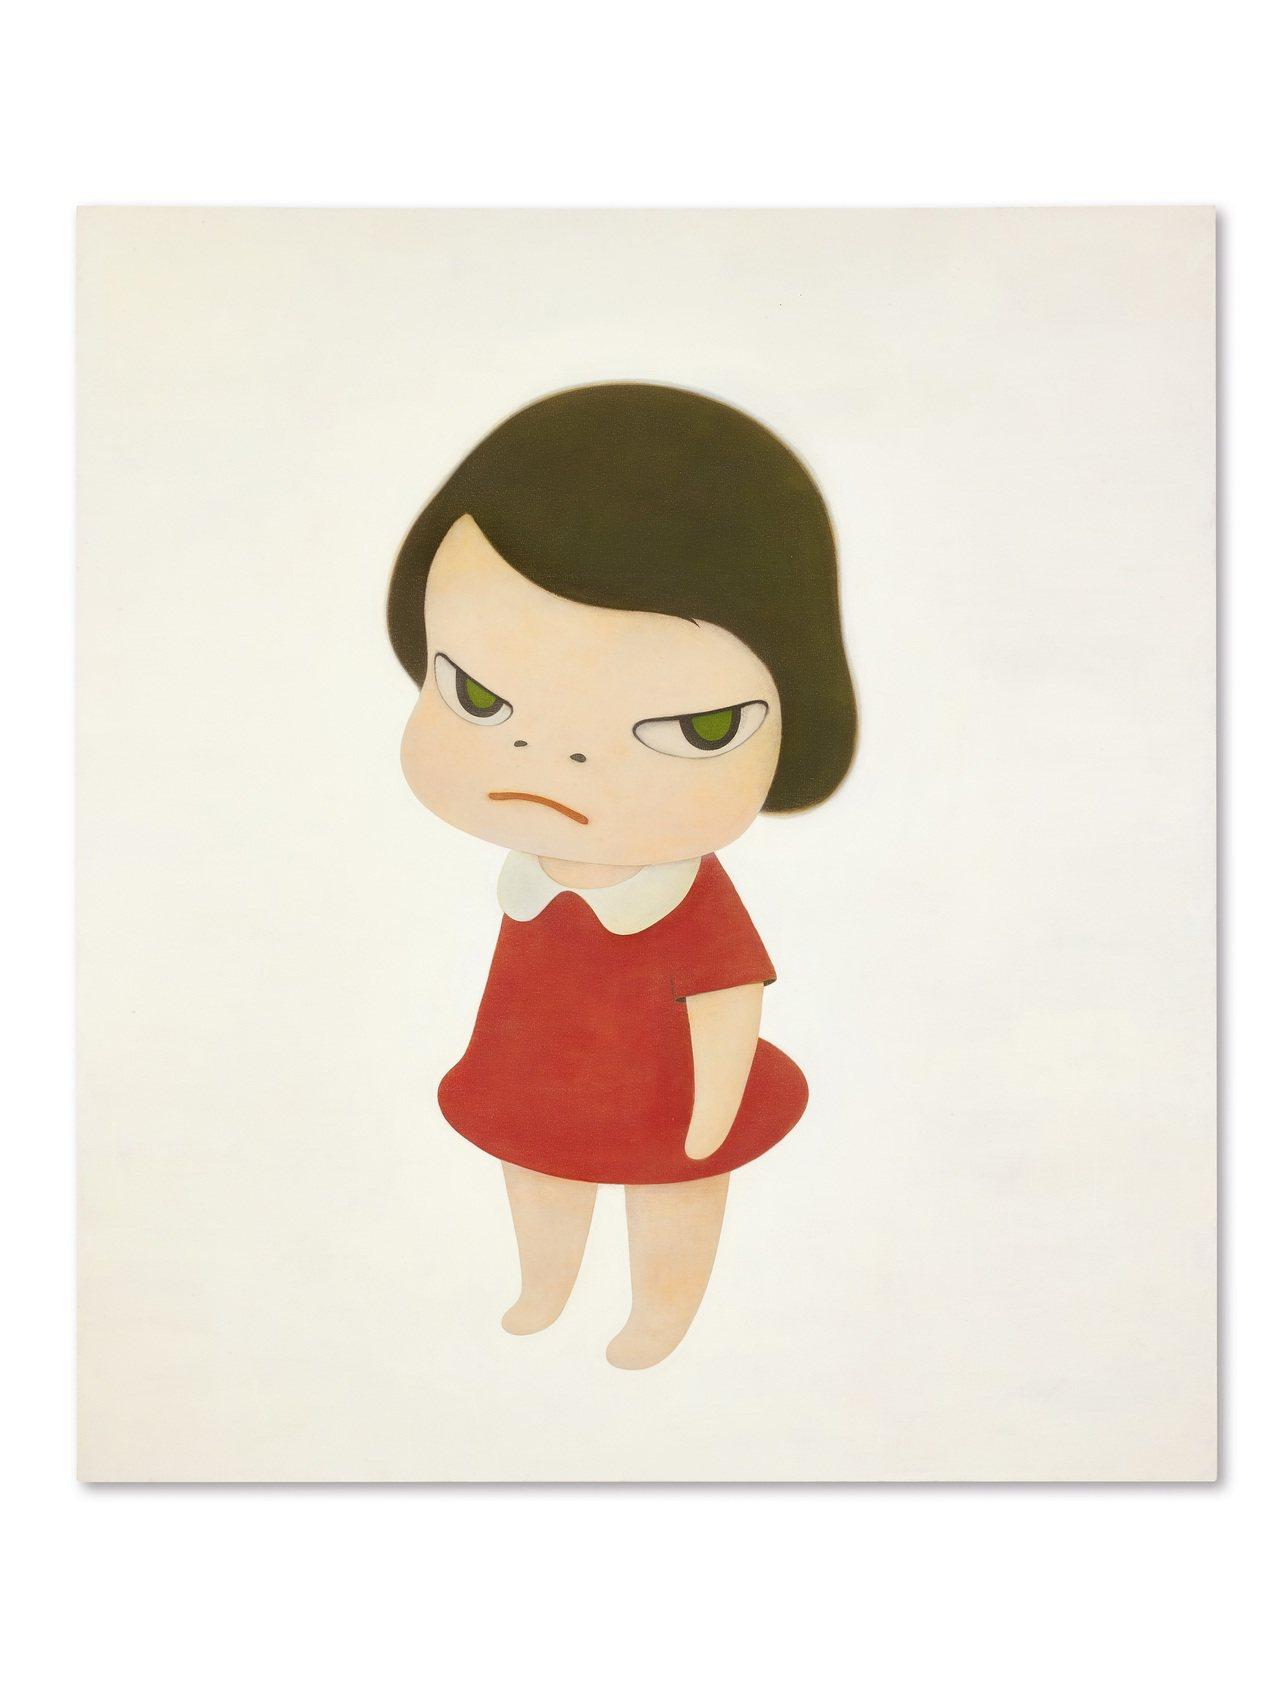 奈良美智「背後藏刀」領銜,這幅234 x 208公分的作品,是拍場上歷來尺幅最大...